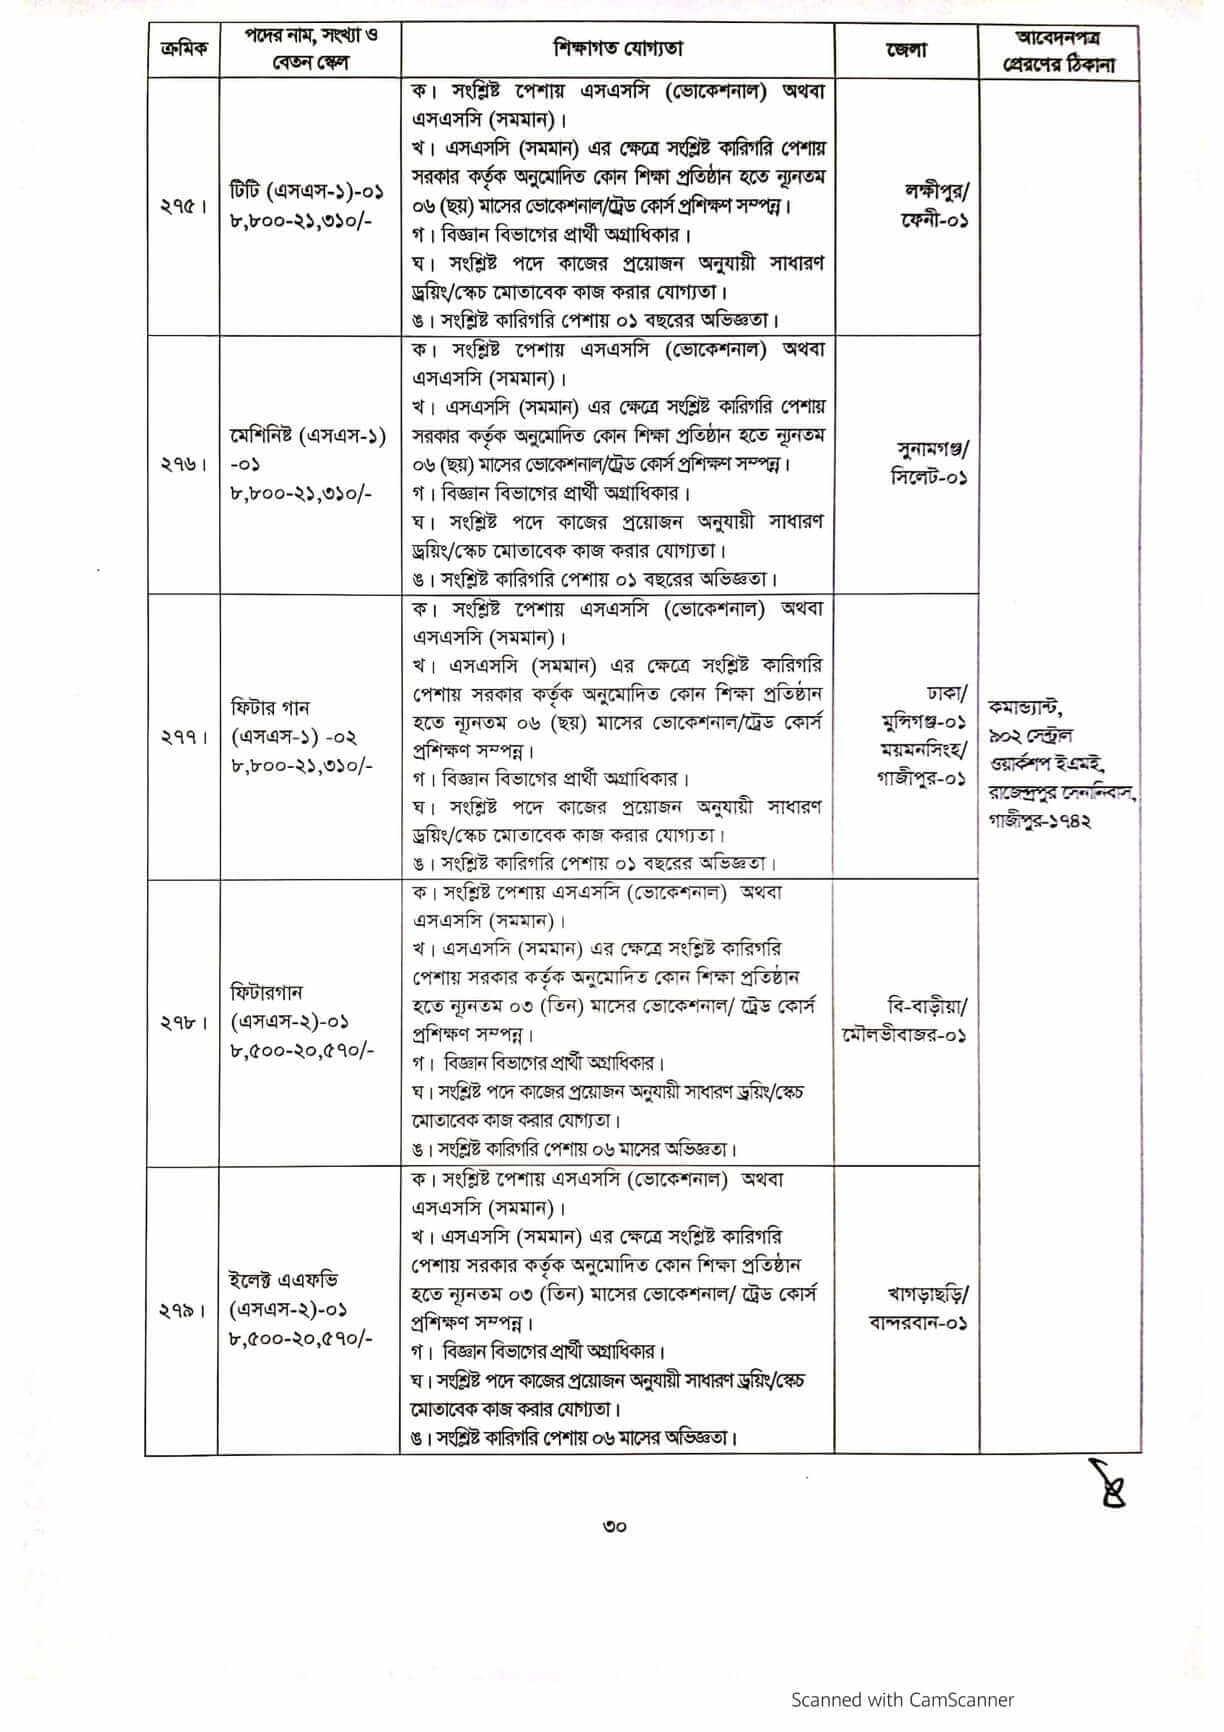 Bangladesh Army Circular 2021